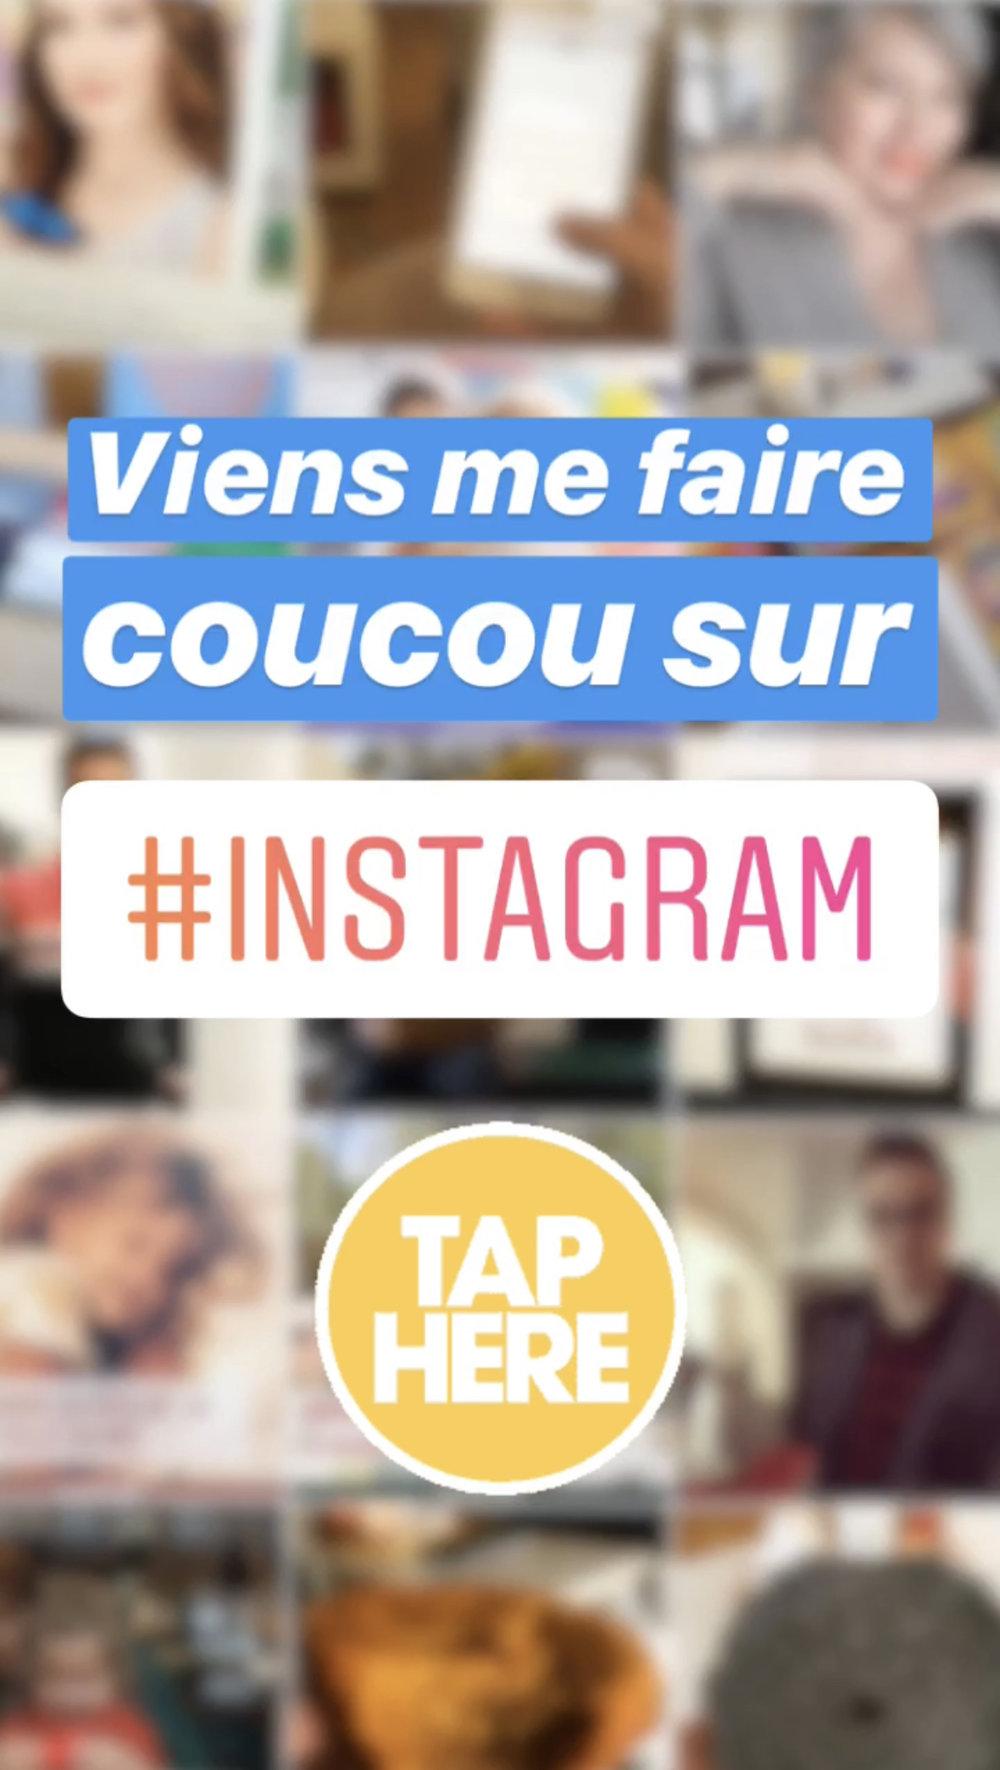 invitation_instagram.jpg